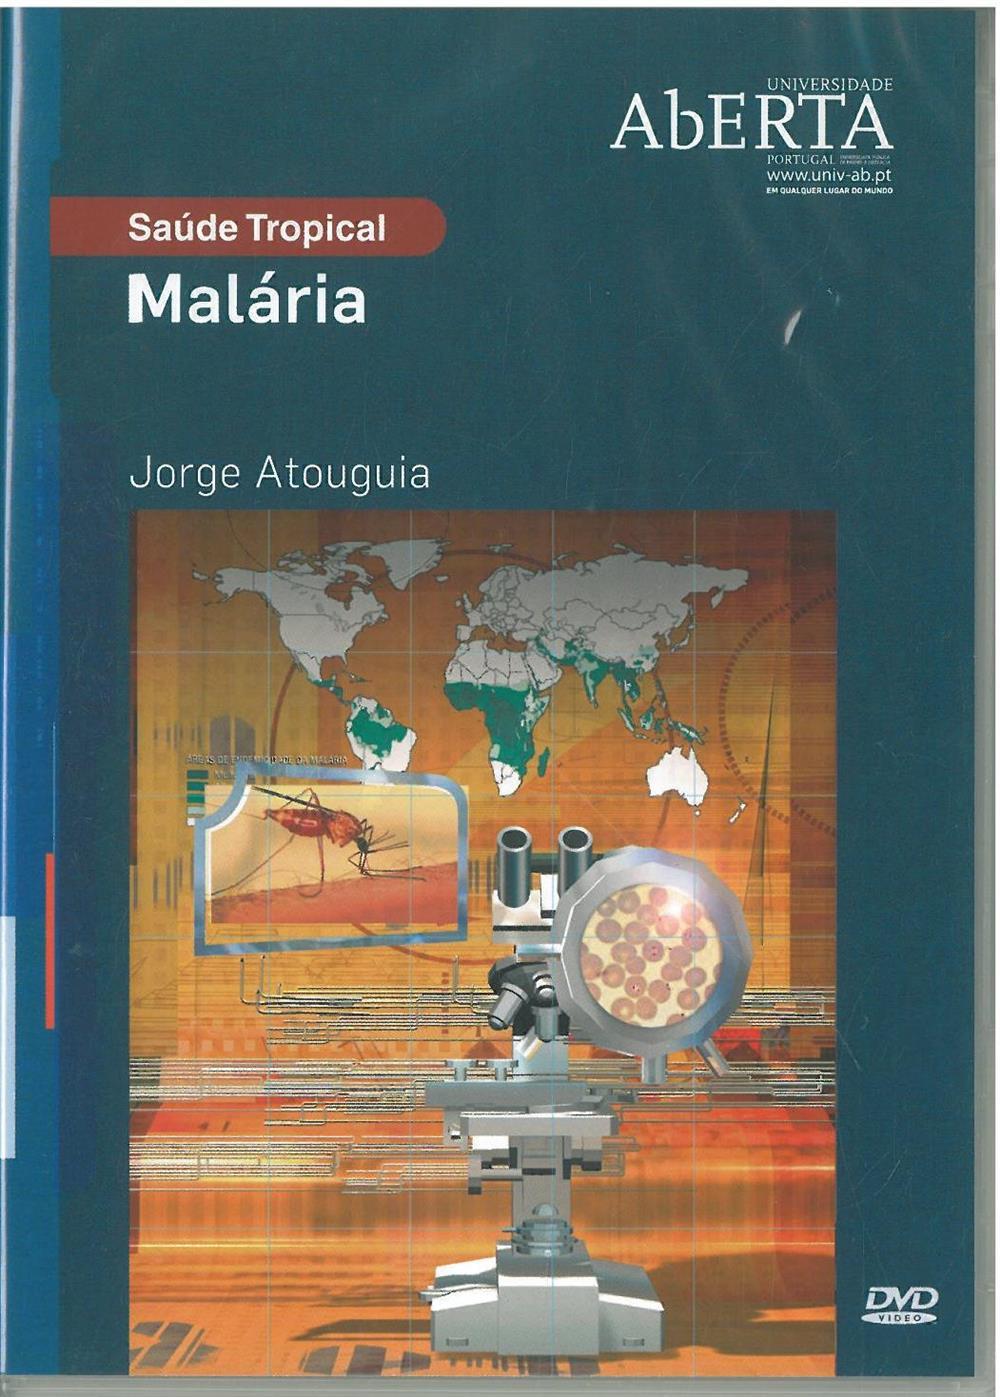 Malária_DVD.jpg